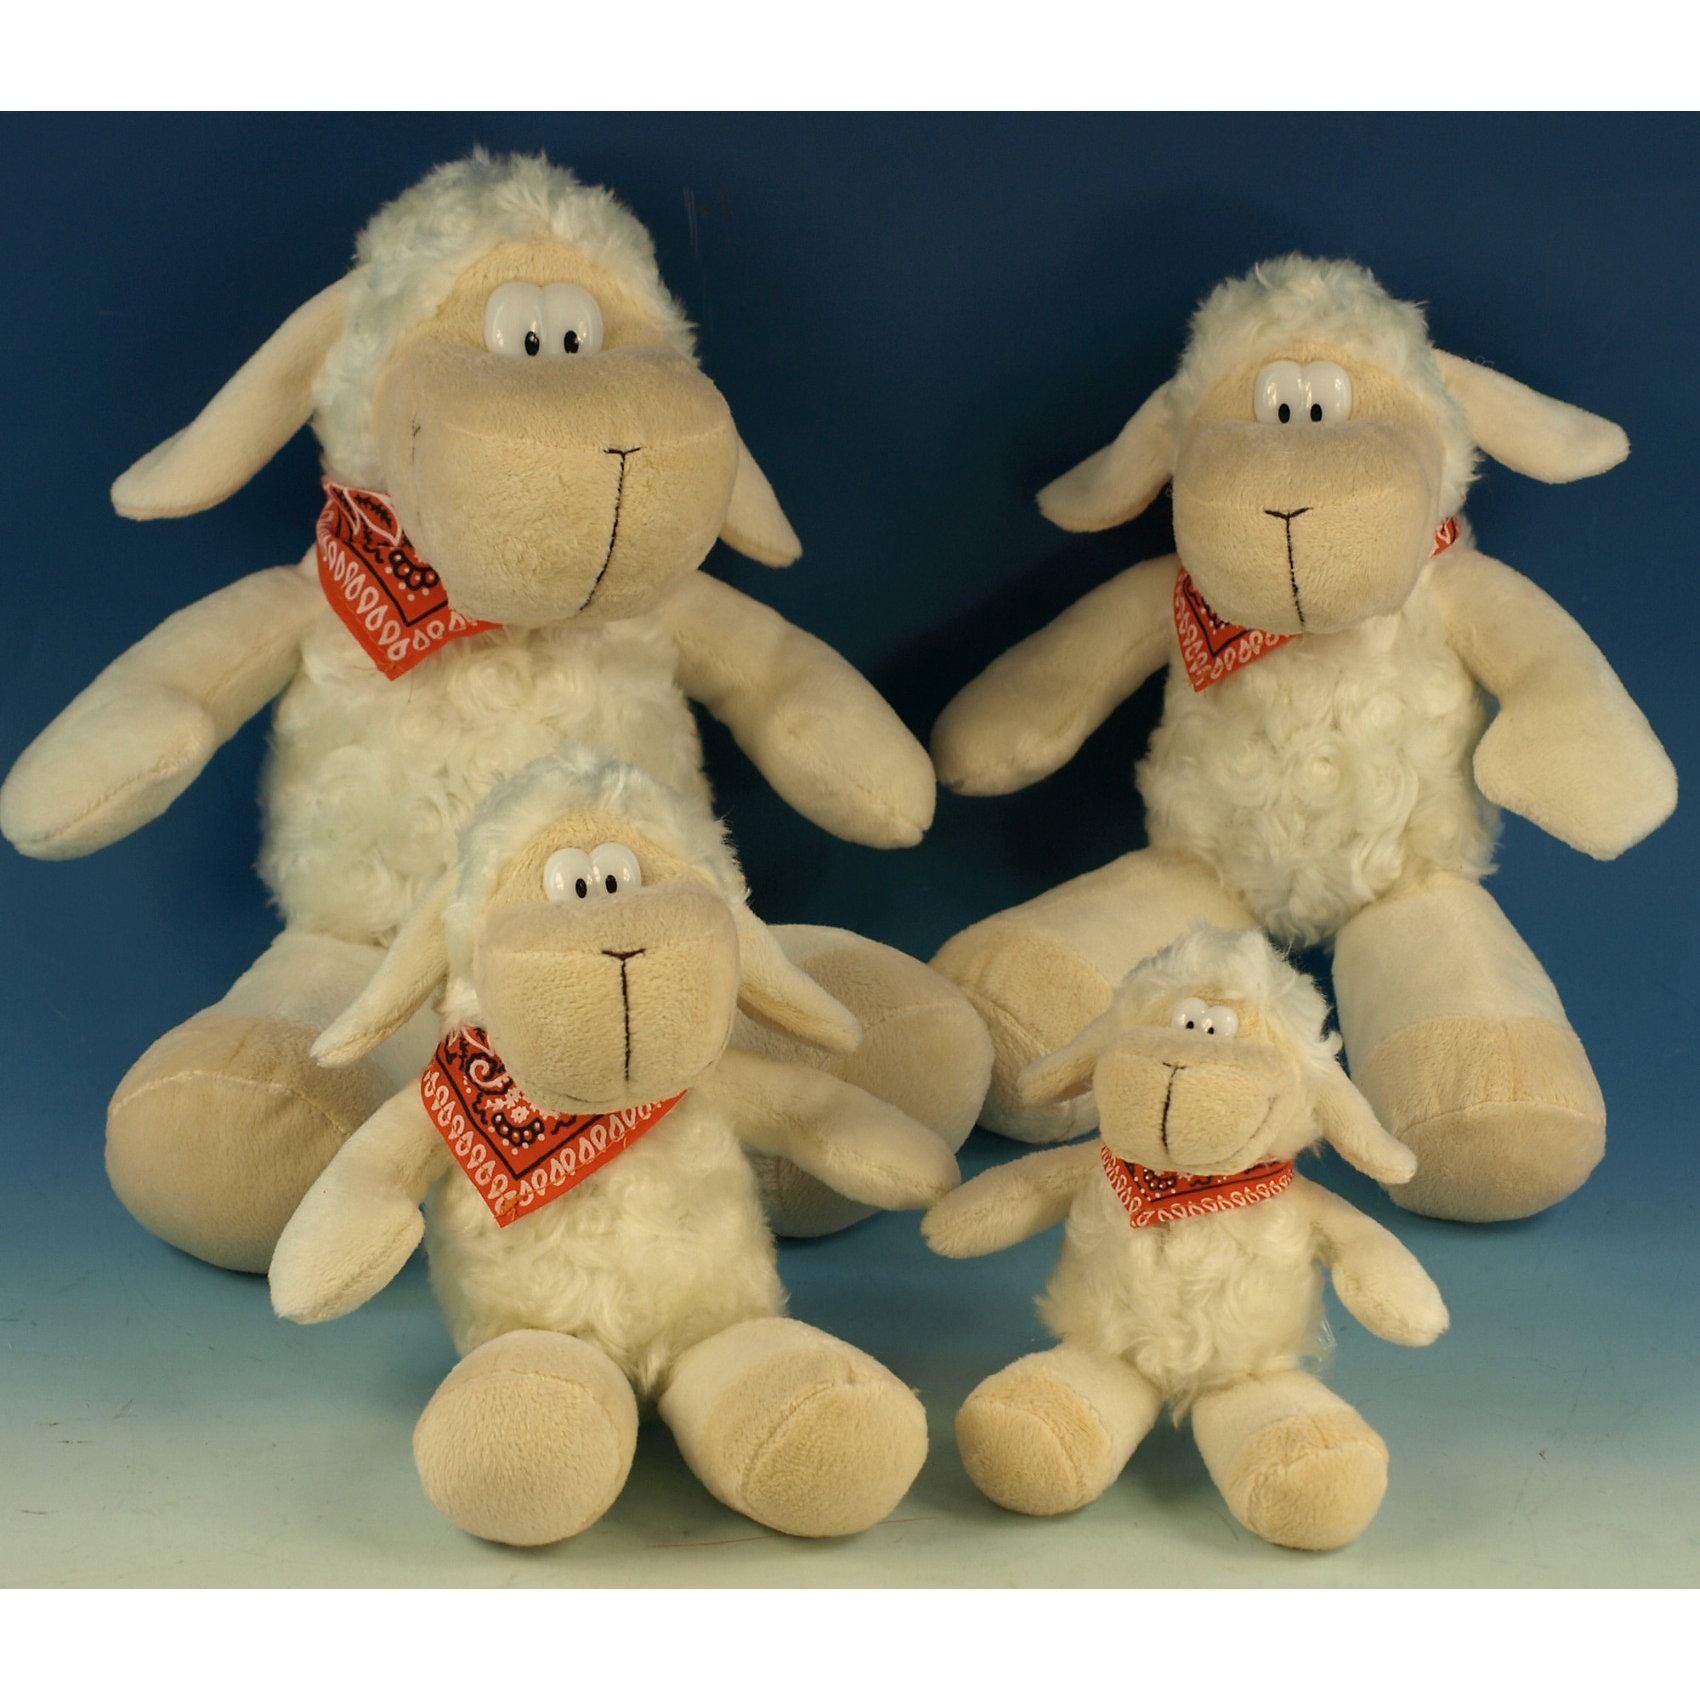 Веселая Овечка, 21см, Coool ToysВеселая Овечка, 21см, Coool Toys (Кул Тойс) – это стильная и забавная мягкая игрушка отличный подарок на Новый год.<br>Мягкая игрушка «Веселая Овечка» - прекрасный подарок, который наверняка понравится Вашим детям, а также друзьям и близким. Небольшая игрушка станет своеобразным талисманом в Новом году.<br><br>Дополнительная информация:<br><br>- Размер: 21 см.<br>-  Материал: полиэстер<br><br>Веселую Овечку, 21см, Coool Toys (Кул Тойс) можно купить в нашем интернет-магазине.<br><br>Ширина мм: 100<br>Глубина мм: 210<br>Высота мм: 120<br>Вес г: 70<br>Возраст от месяцев: 36<br>Возраст до месяцев: 120<br>Пол: Унисекс<br>Возраст: Детский<br>SKU: 3893634